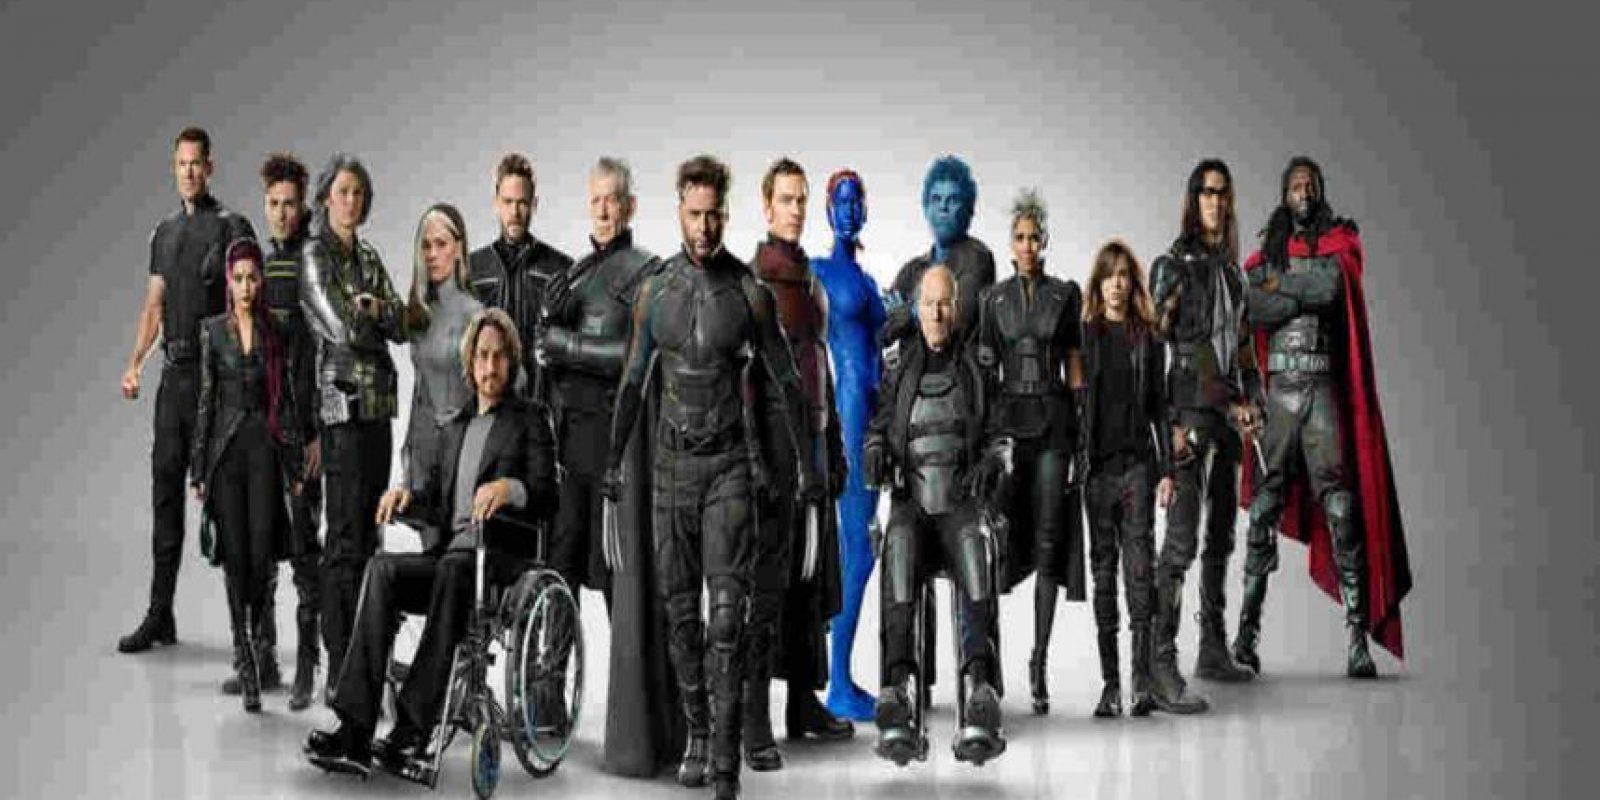 Aún no se sabe qué película será, pero se cree que X-Men. Enero 18, 2018. Foto:Fox. Imagen Por: